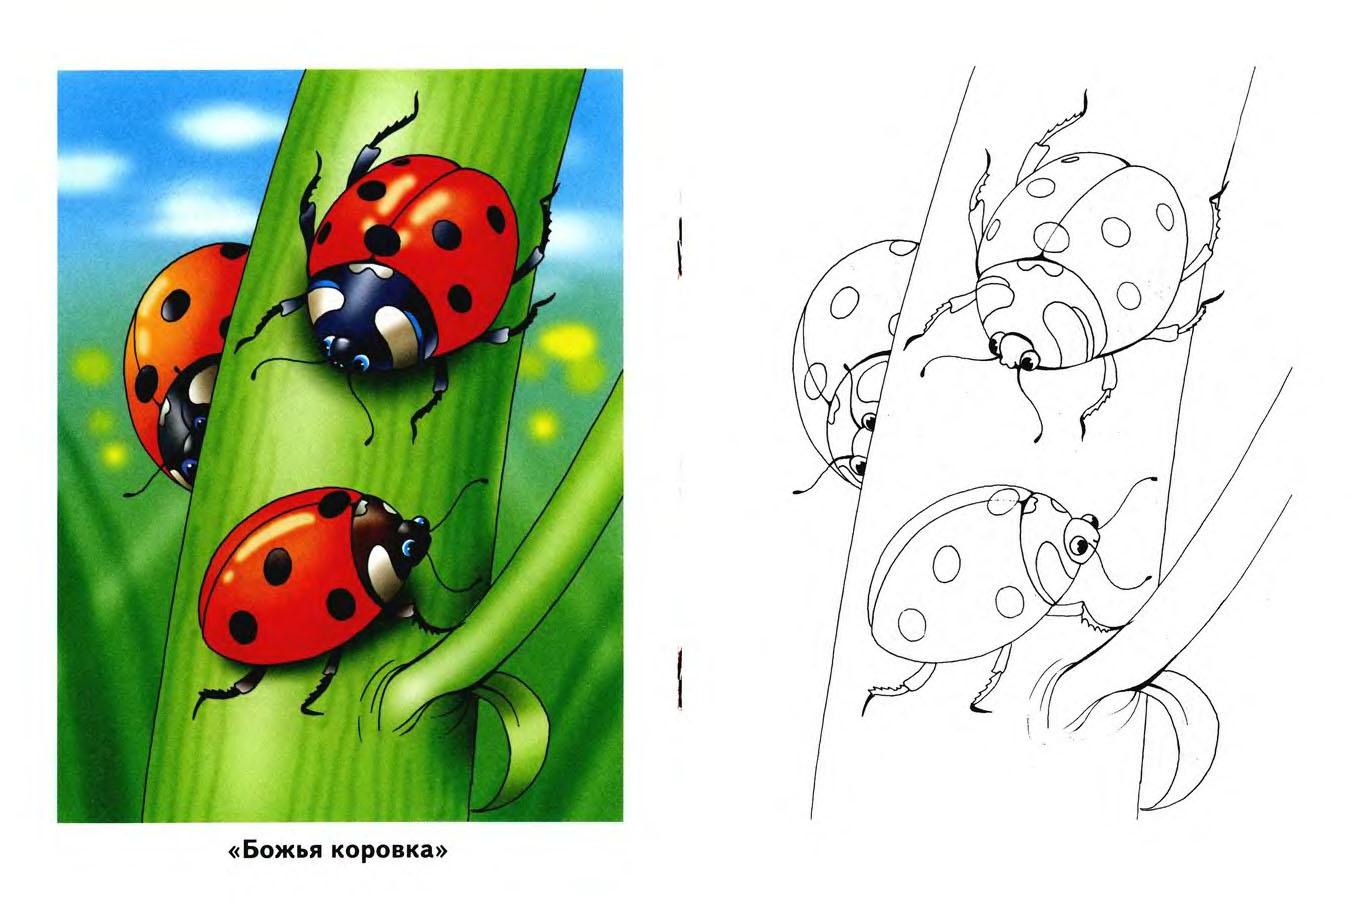 раскраска для детей насекомые развитие детей оригами